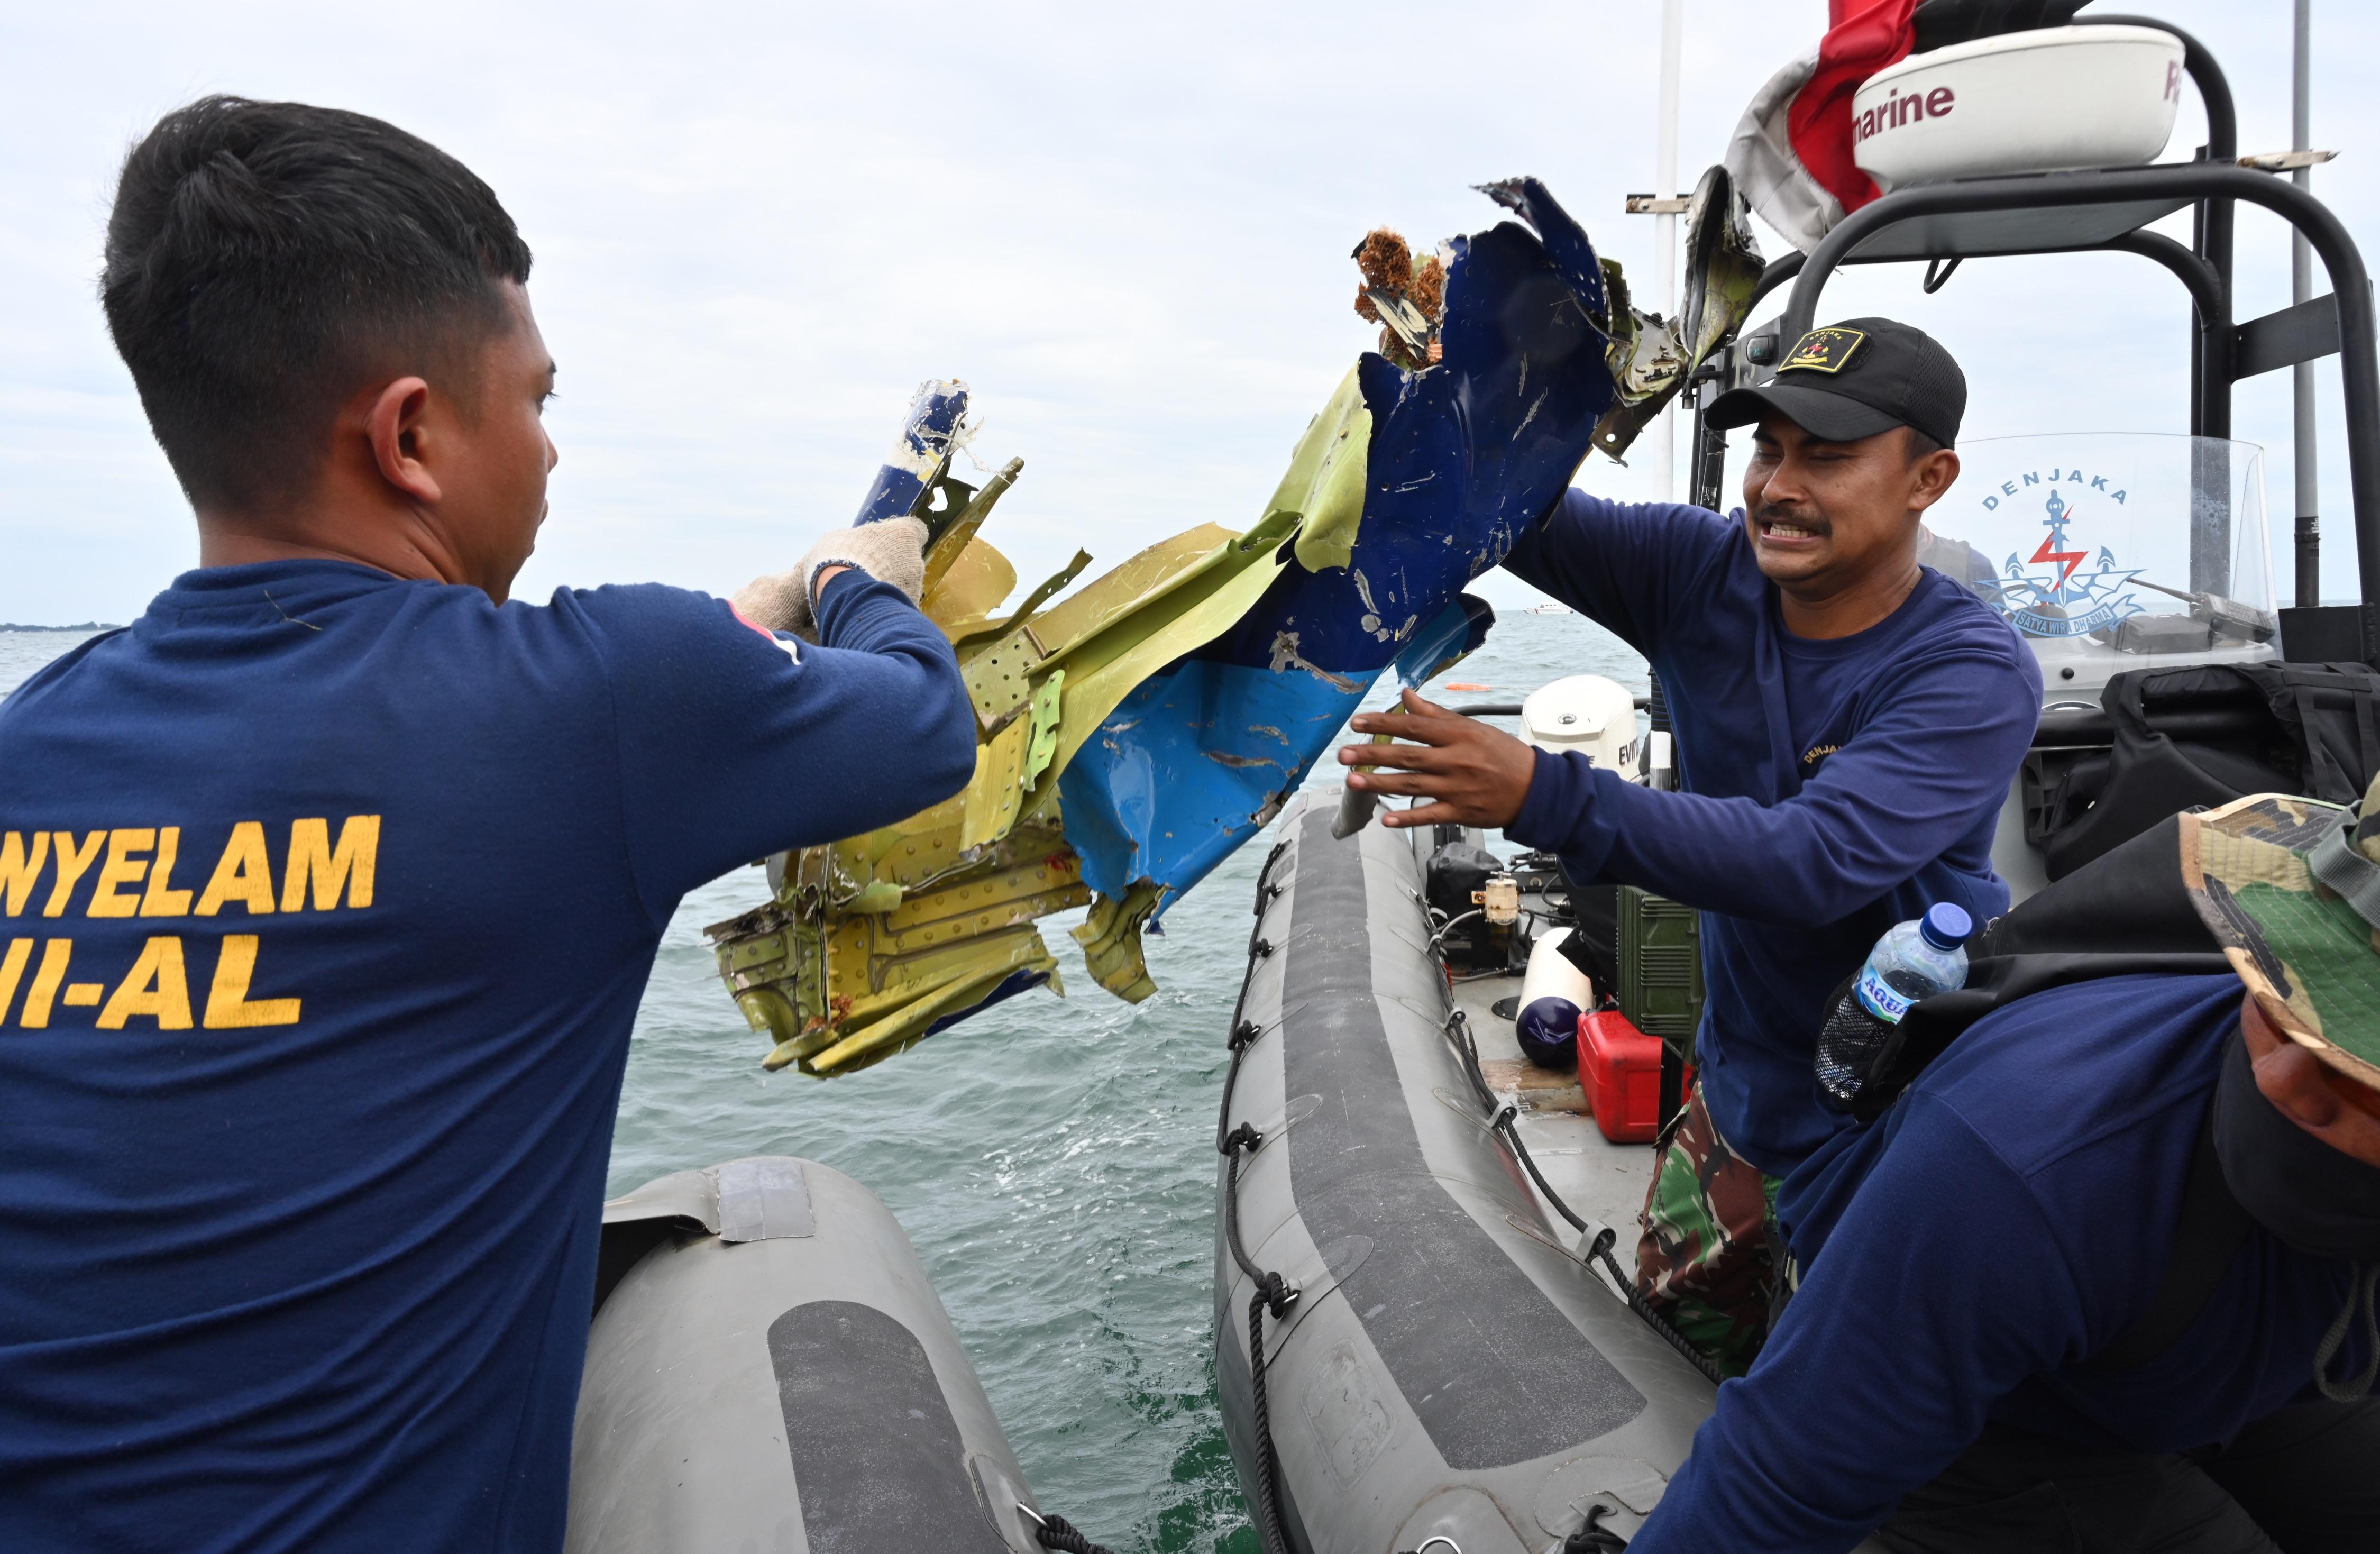 Regu penyelam TNI AL memindahkan benda yang ditemukan di Pulau Lancang. Foto: Adek Berry/AFP